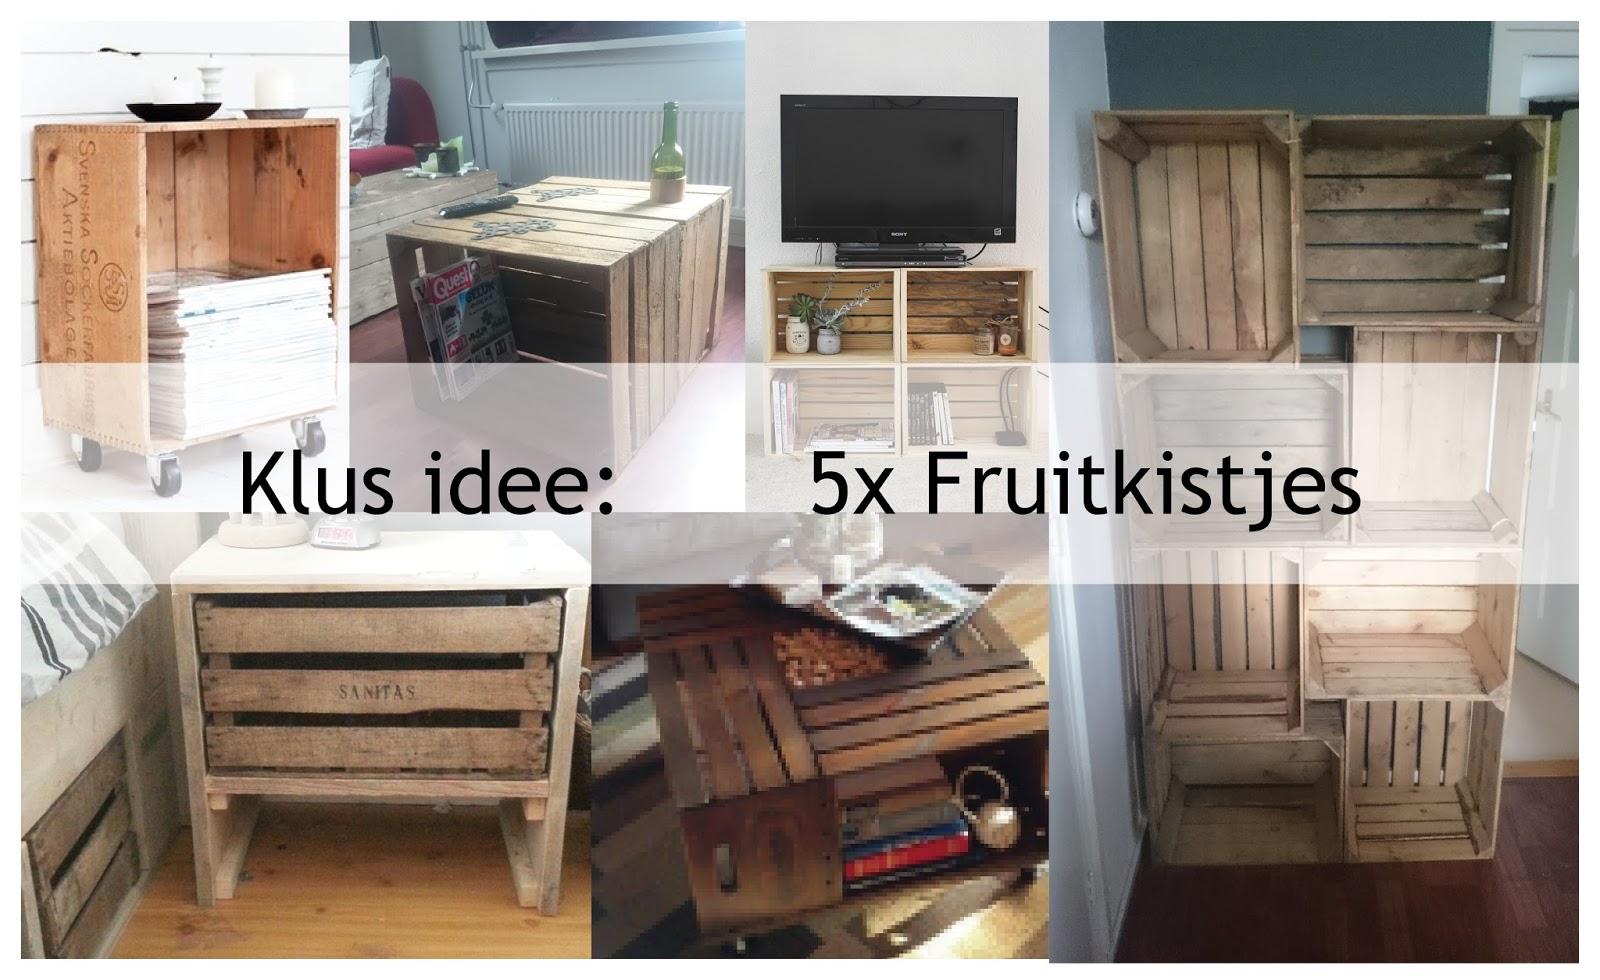 Judit's klusboek: inspiratie: 5x fruitkistjes